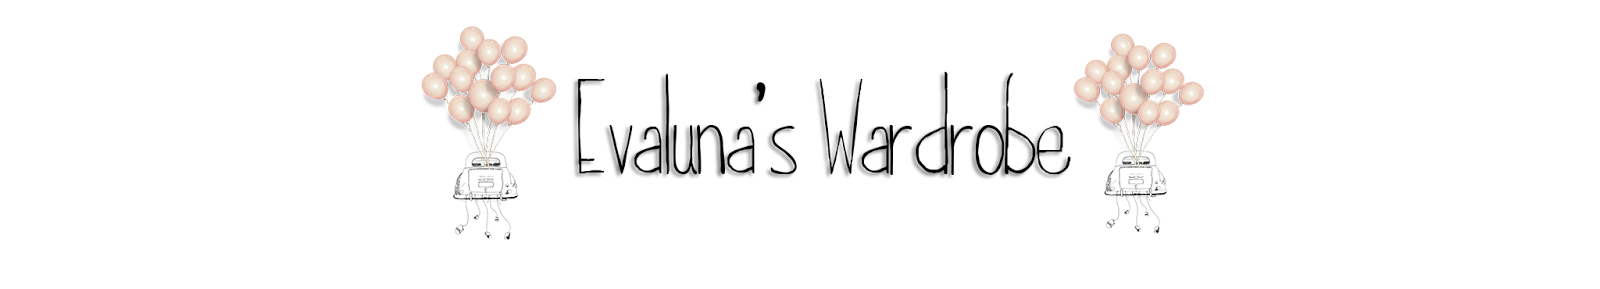 Evaluna's Wardrobe